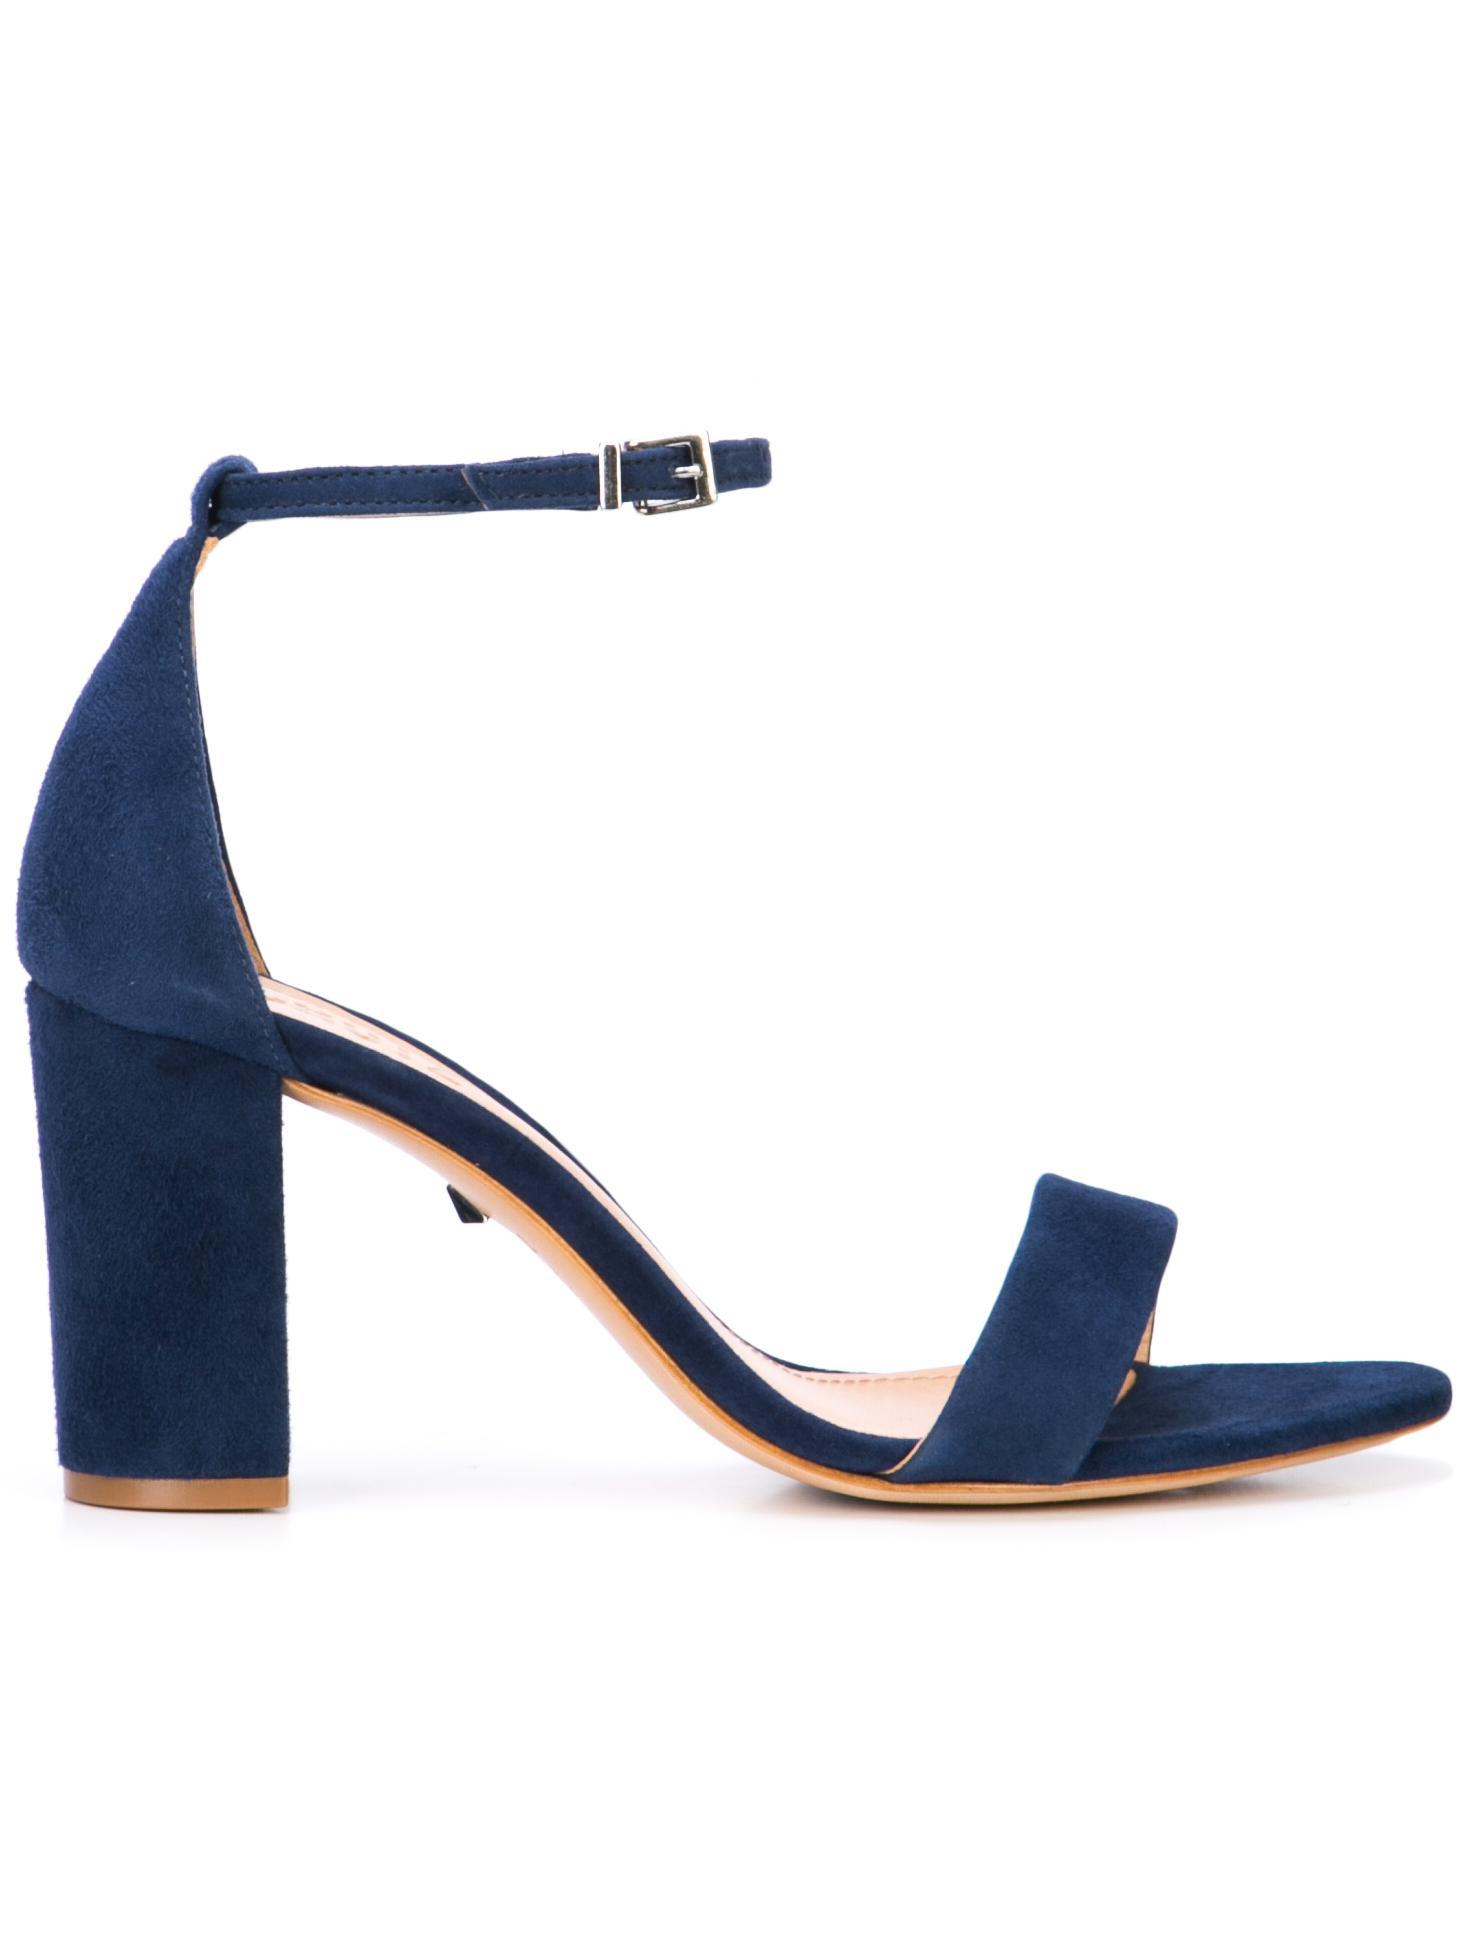 Suede Block Heel Sandal Item # ANNALEE-SUE